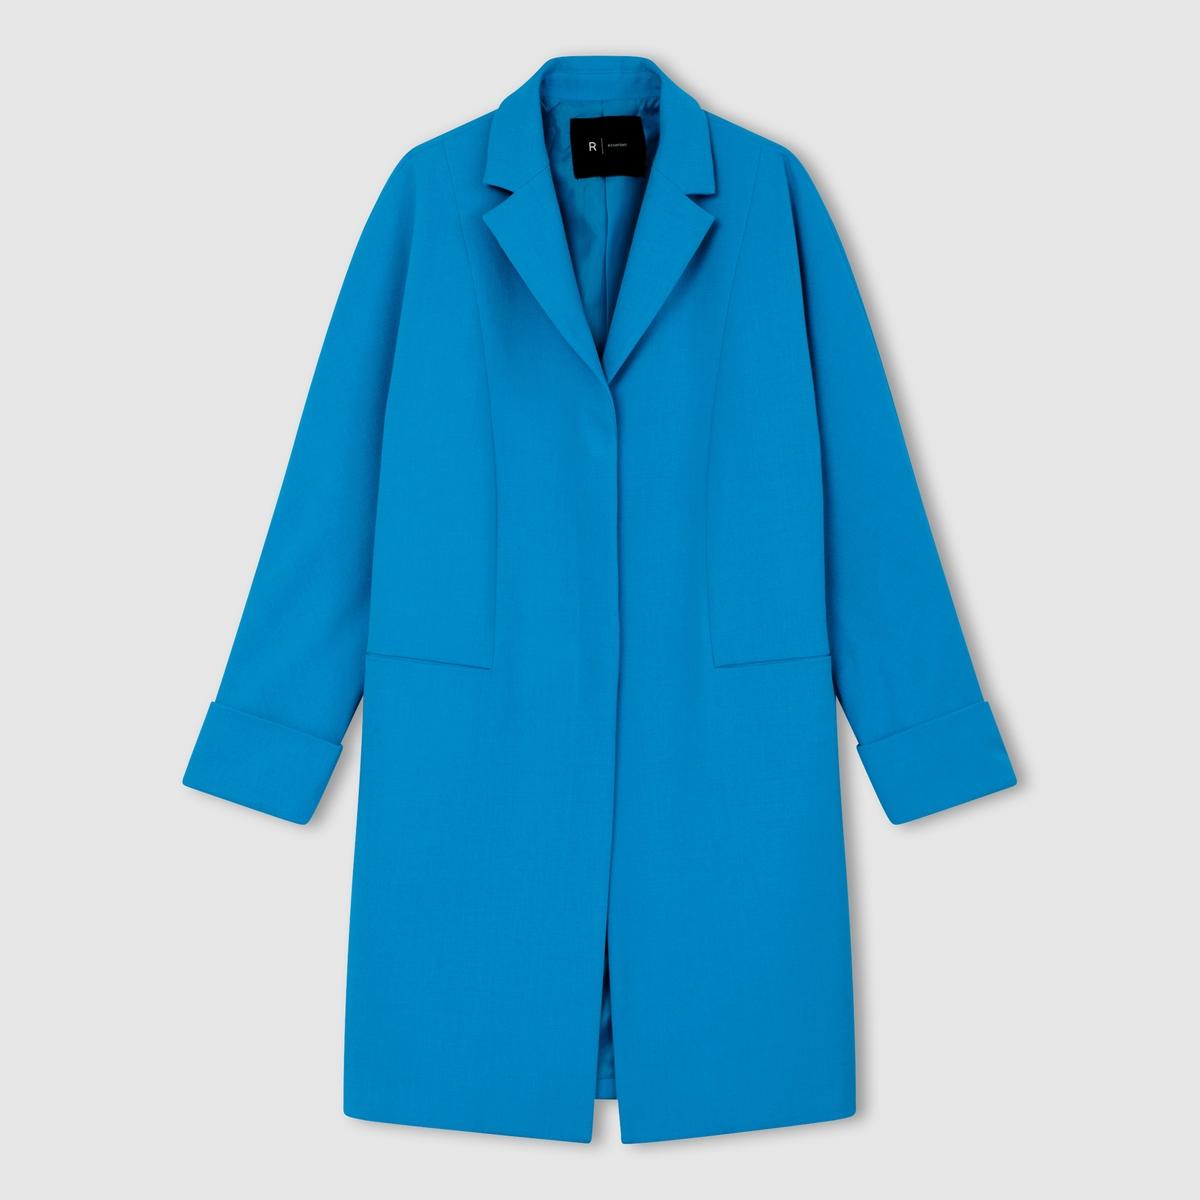 Пальто каплеобразной формыПальто каплеобразной формы, широкий покрой. 60% полиэстера, 36% вискозы, 4% эластана . Подкладка из 100% полиэстера. 2 кармана спереди. Рукава с отворотами. Длина 95 см.<br><br>Цвет: красный,ярко-синий<br>Размер: 40 (FR) - 46 (RUS).38 (FR) - 44 (RUS)